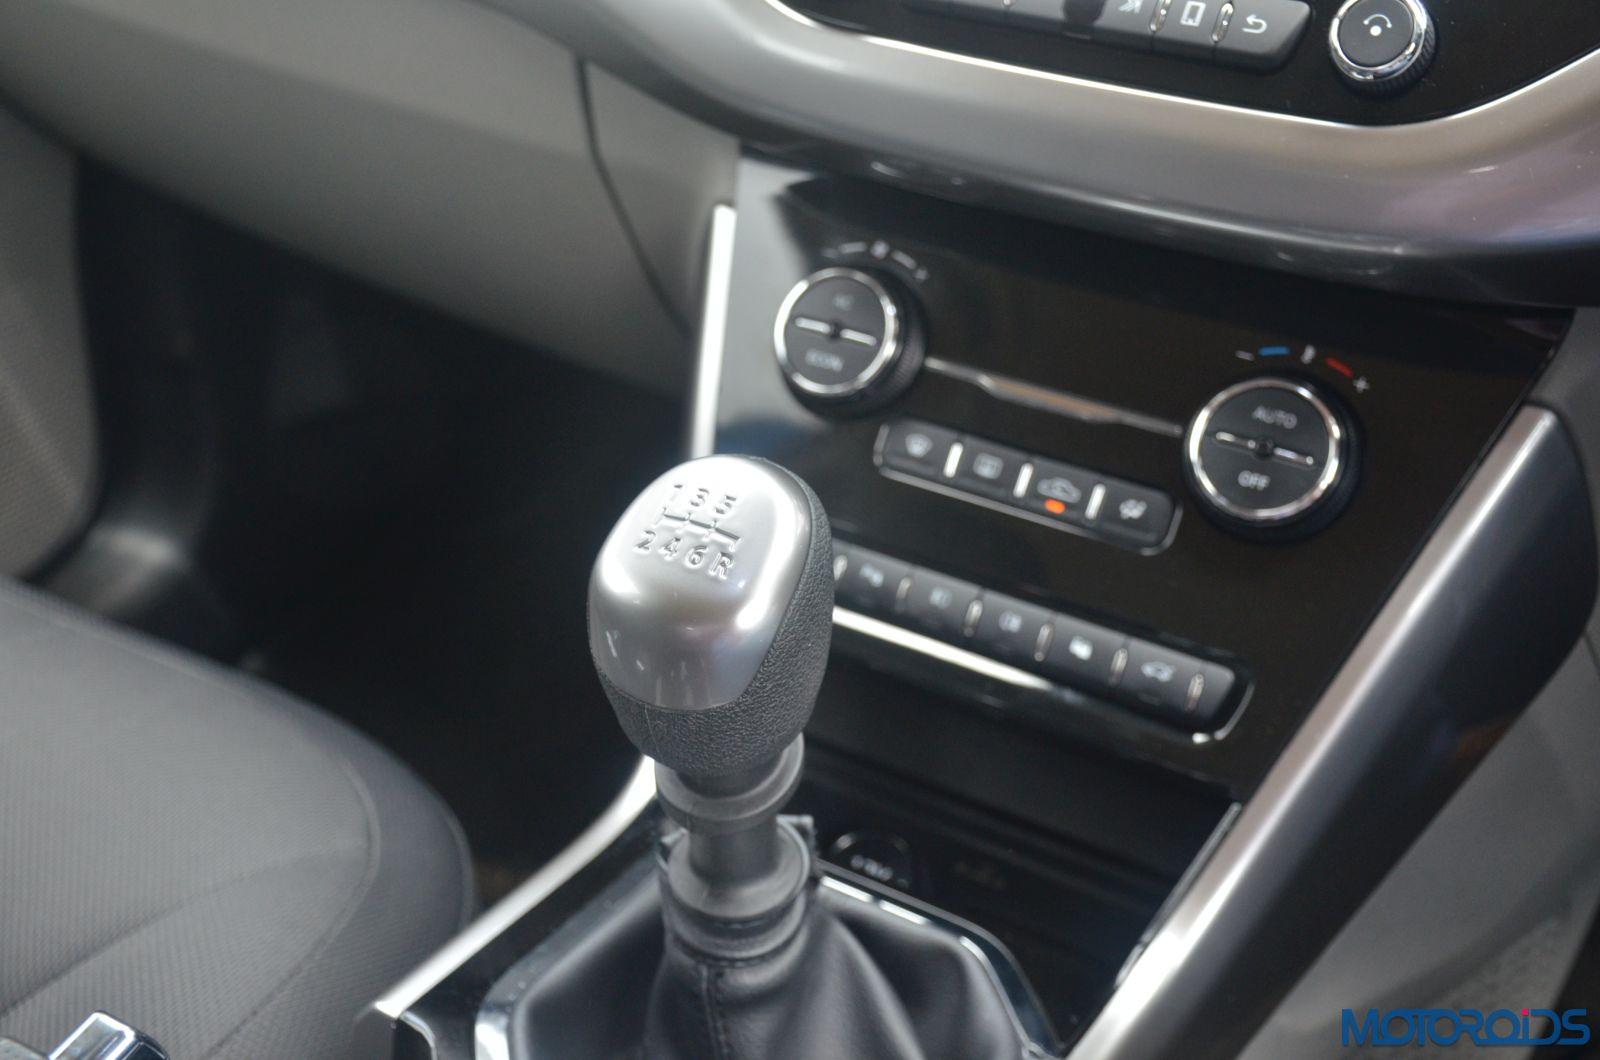 Tata-Nexon-gearshifter